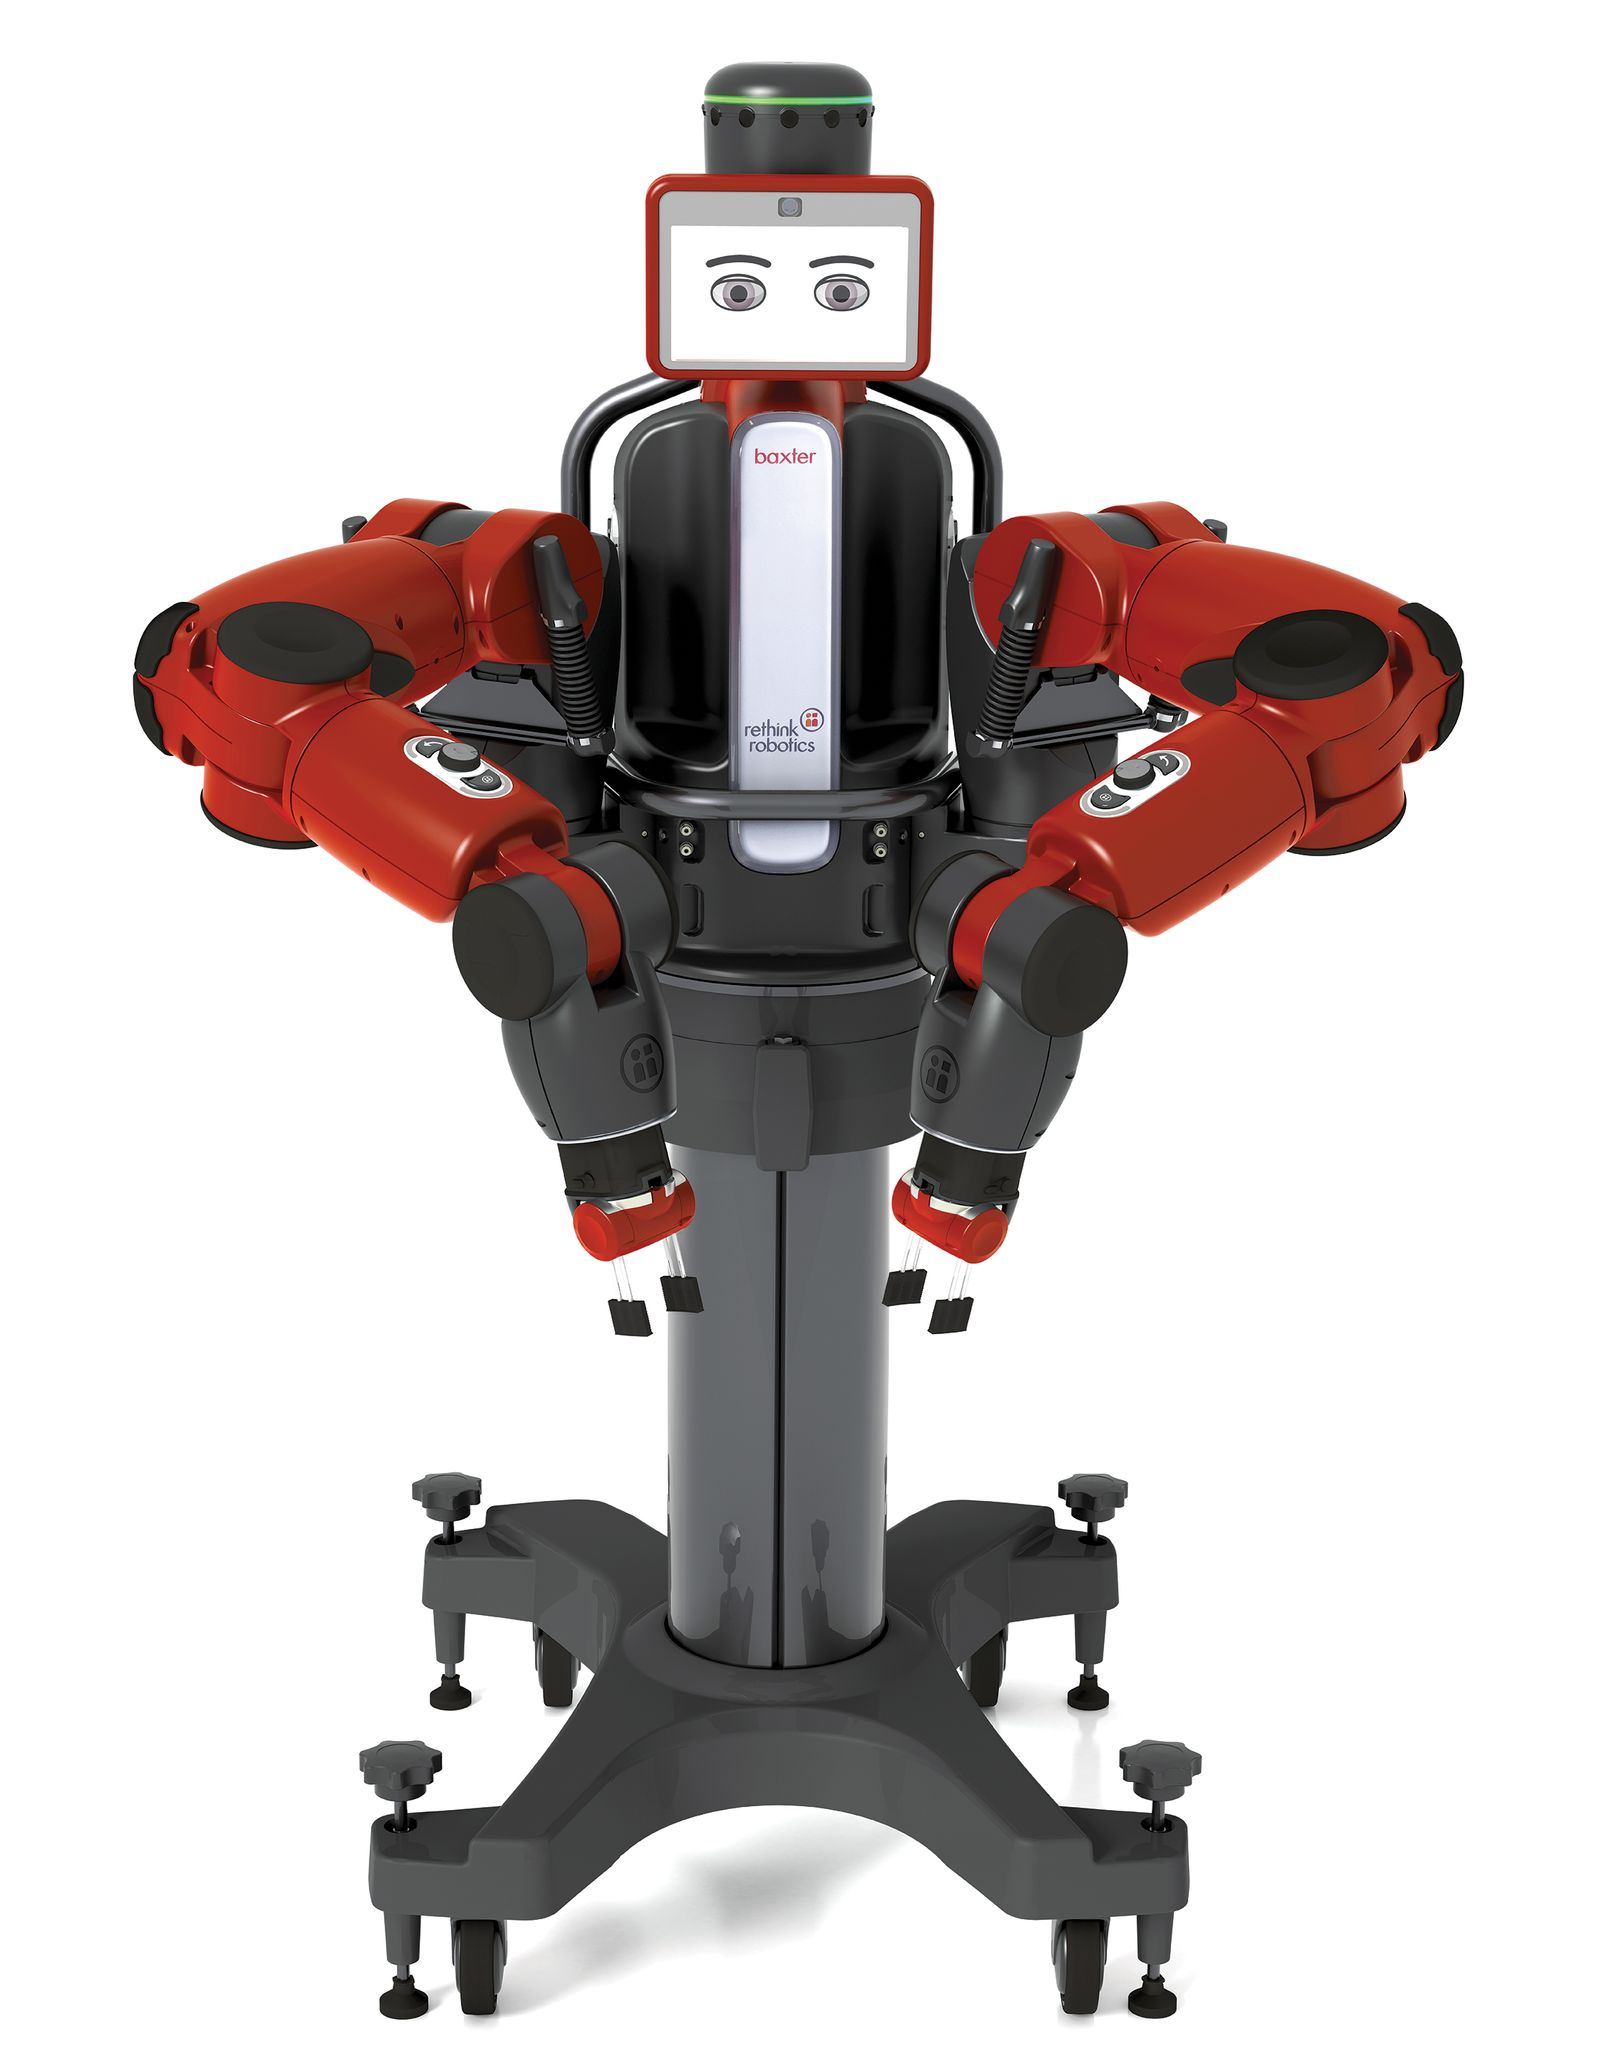 EINMALIGE VERWENDUNG 1000 Roboter/ Baxter